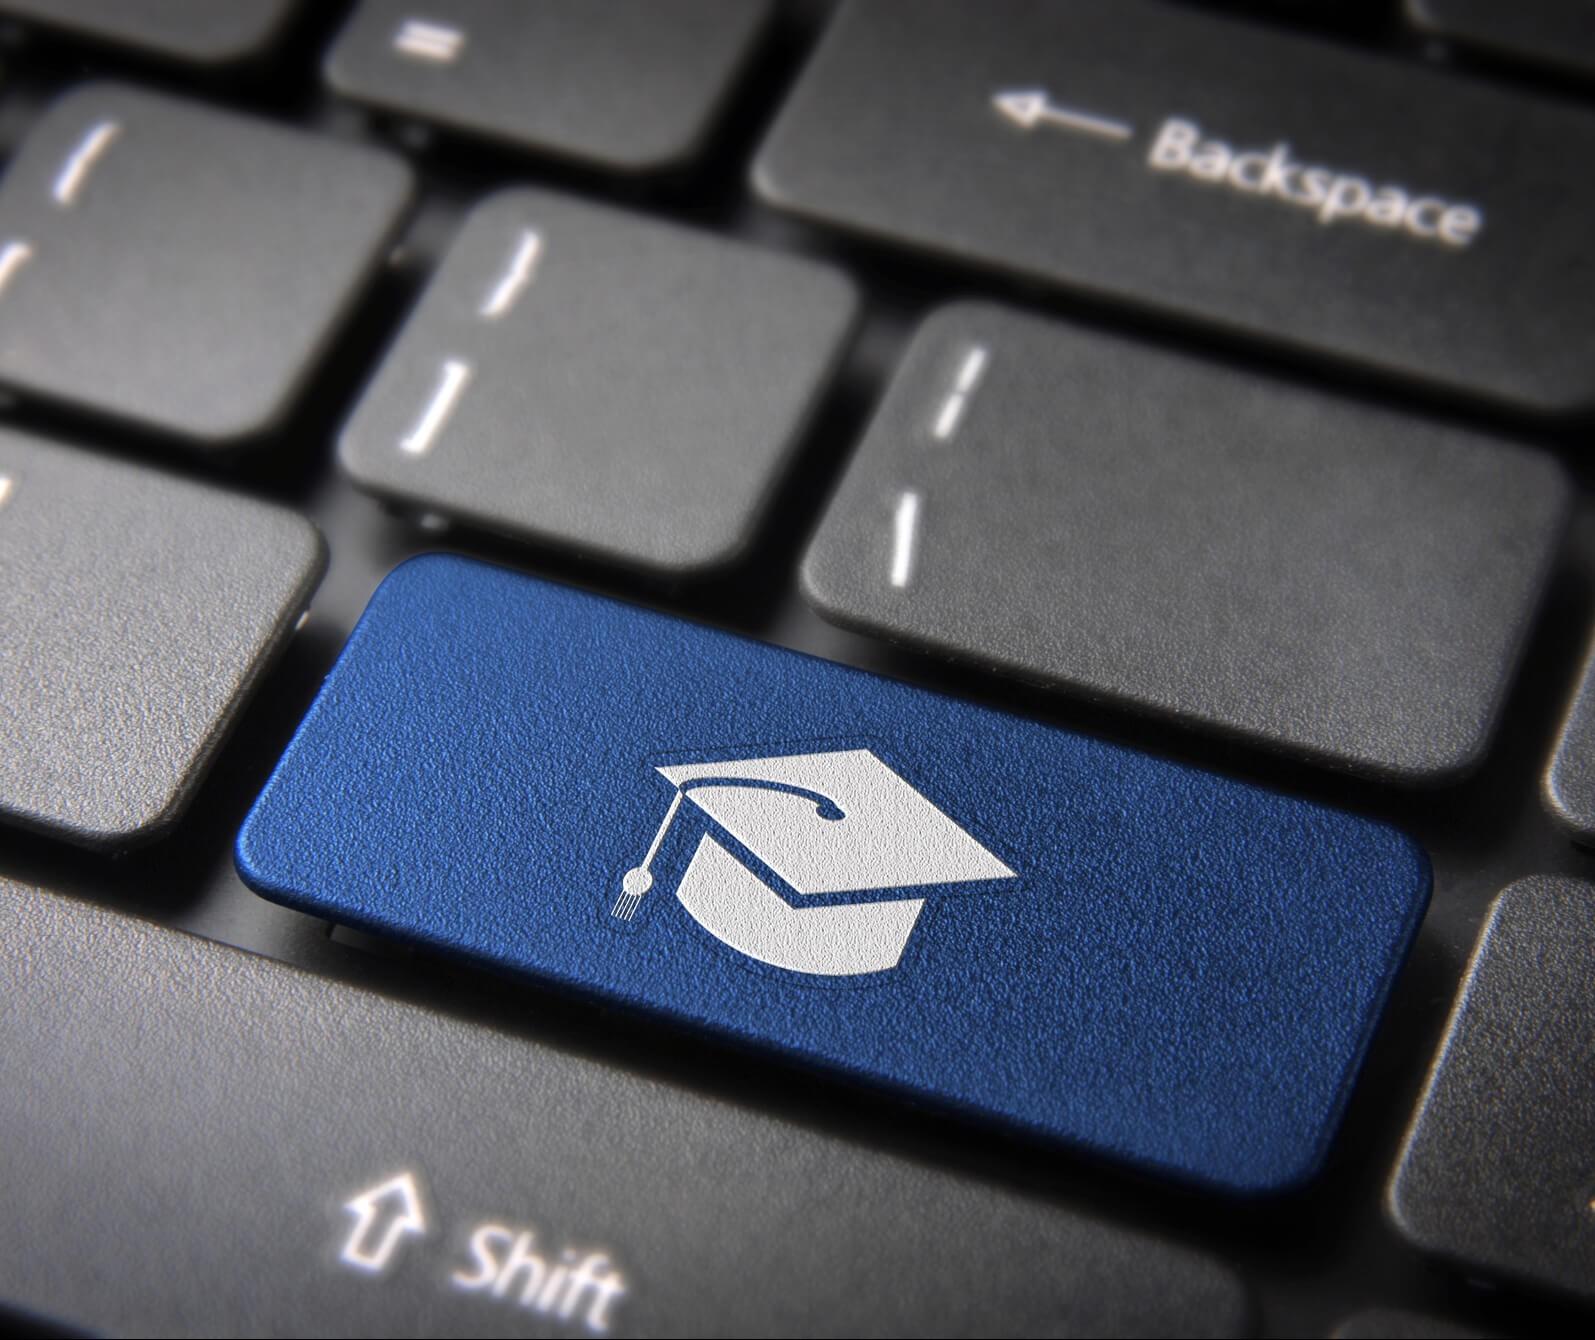 Qualificação está mais próxima com as ferramentas digitais